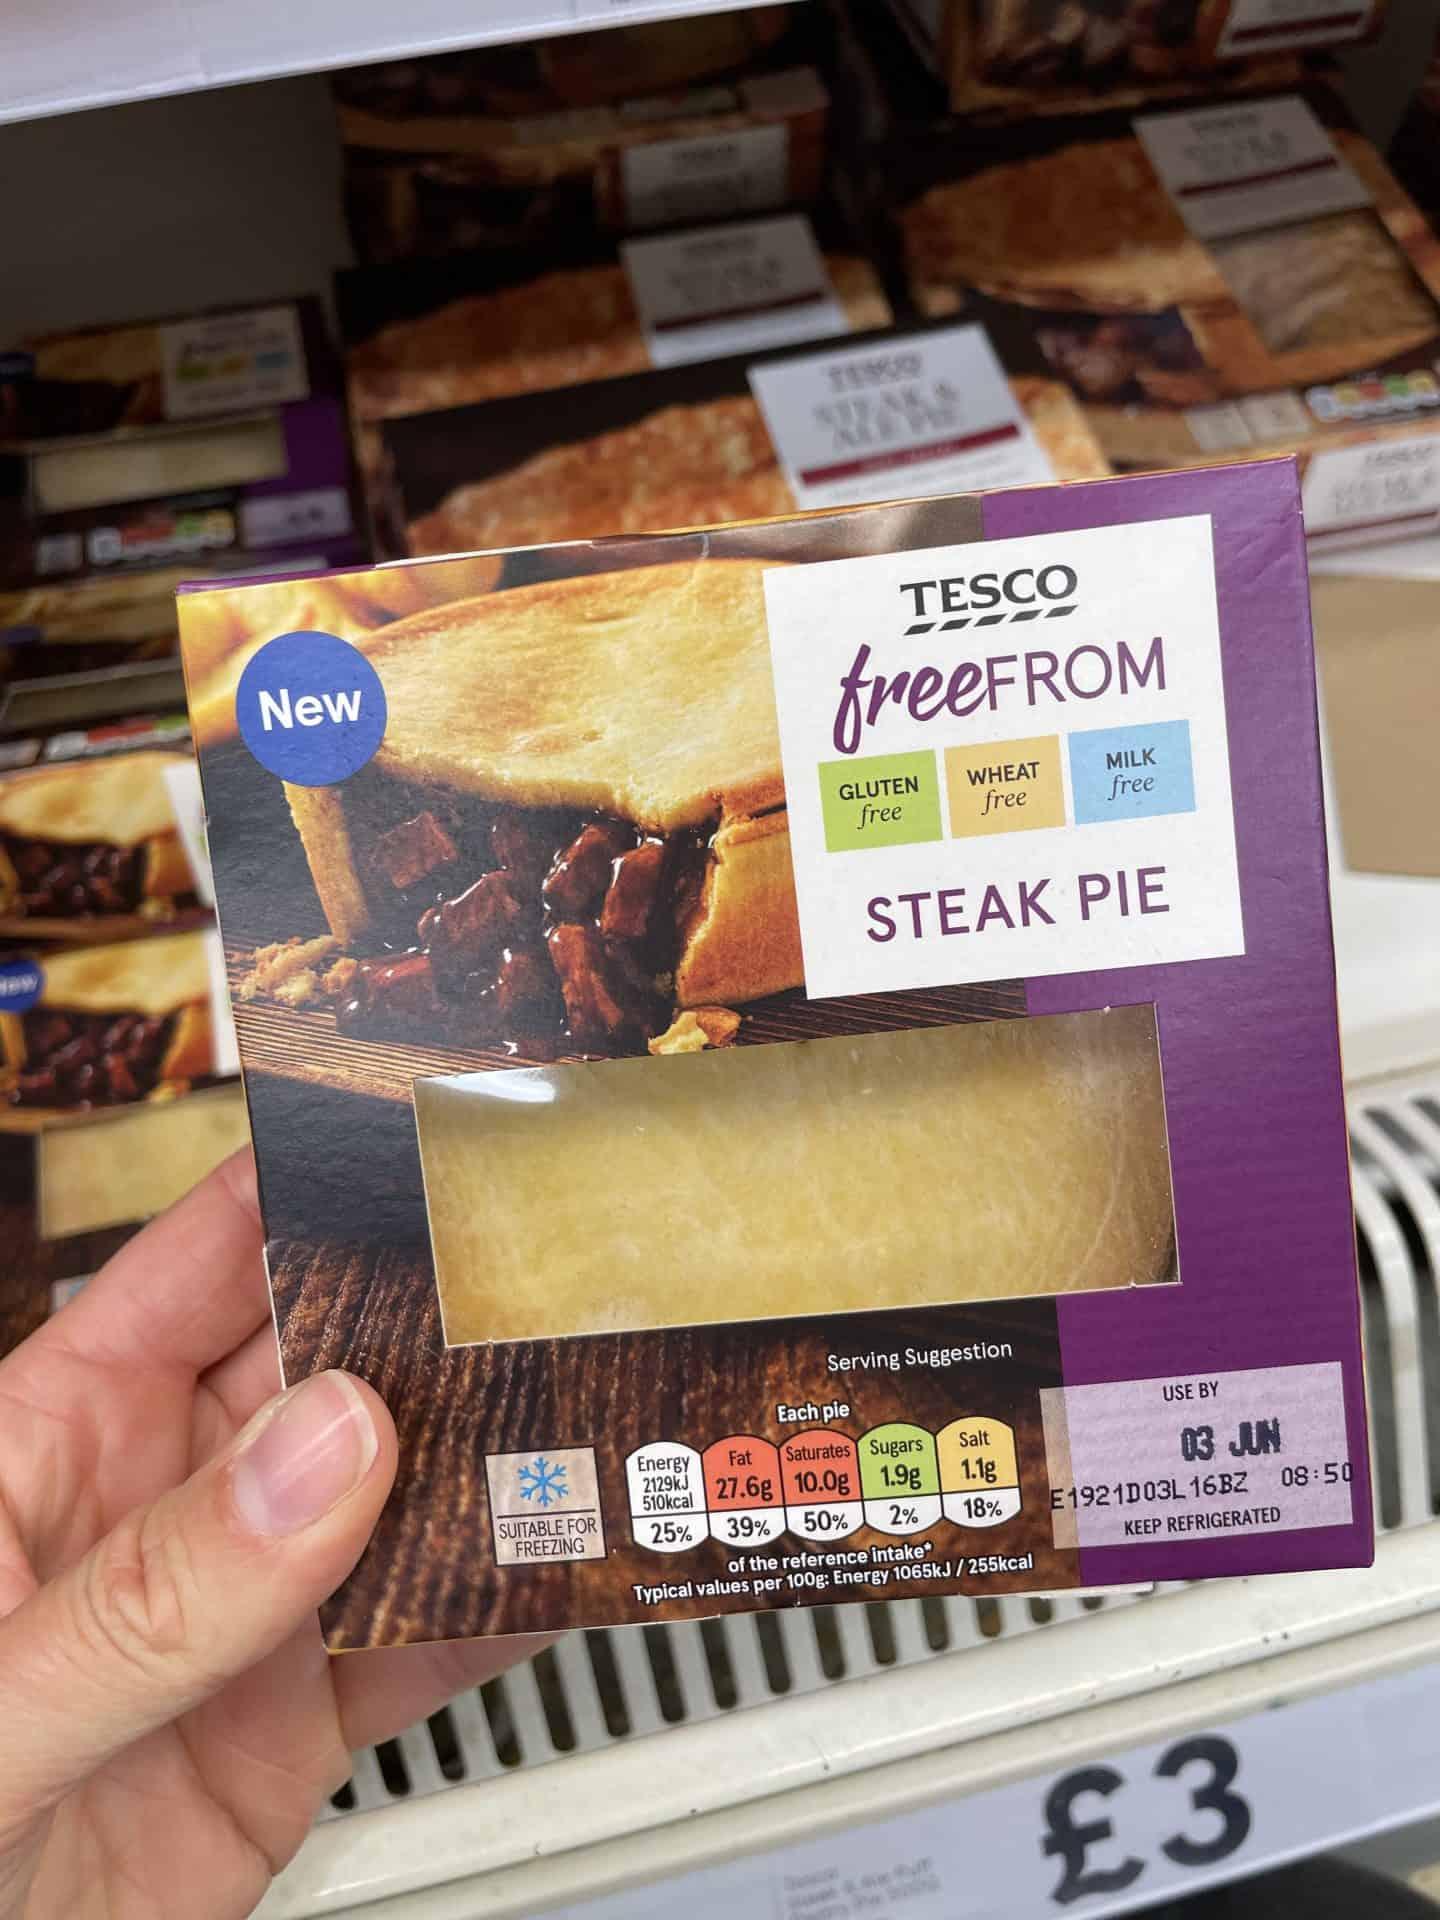 gluten free steak pie tesco 2